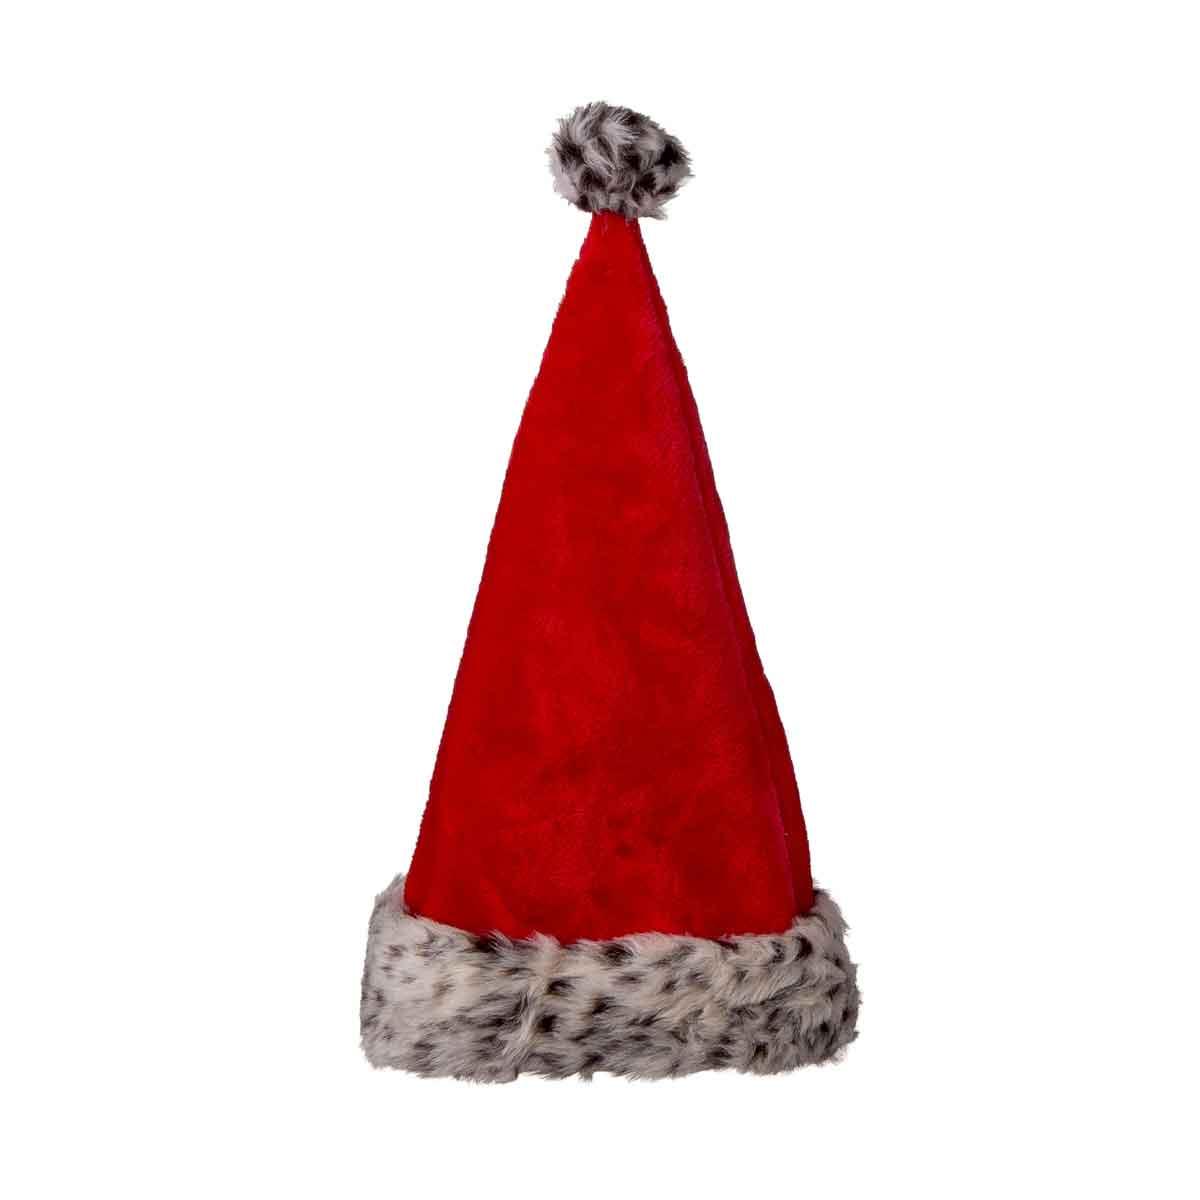 Cappello di Babbo Natale con inserto in ecopelliccia